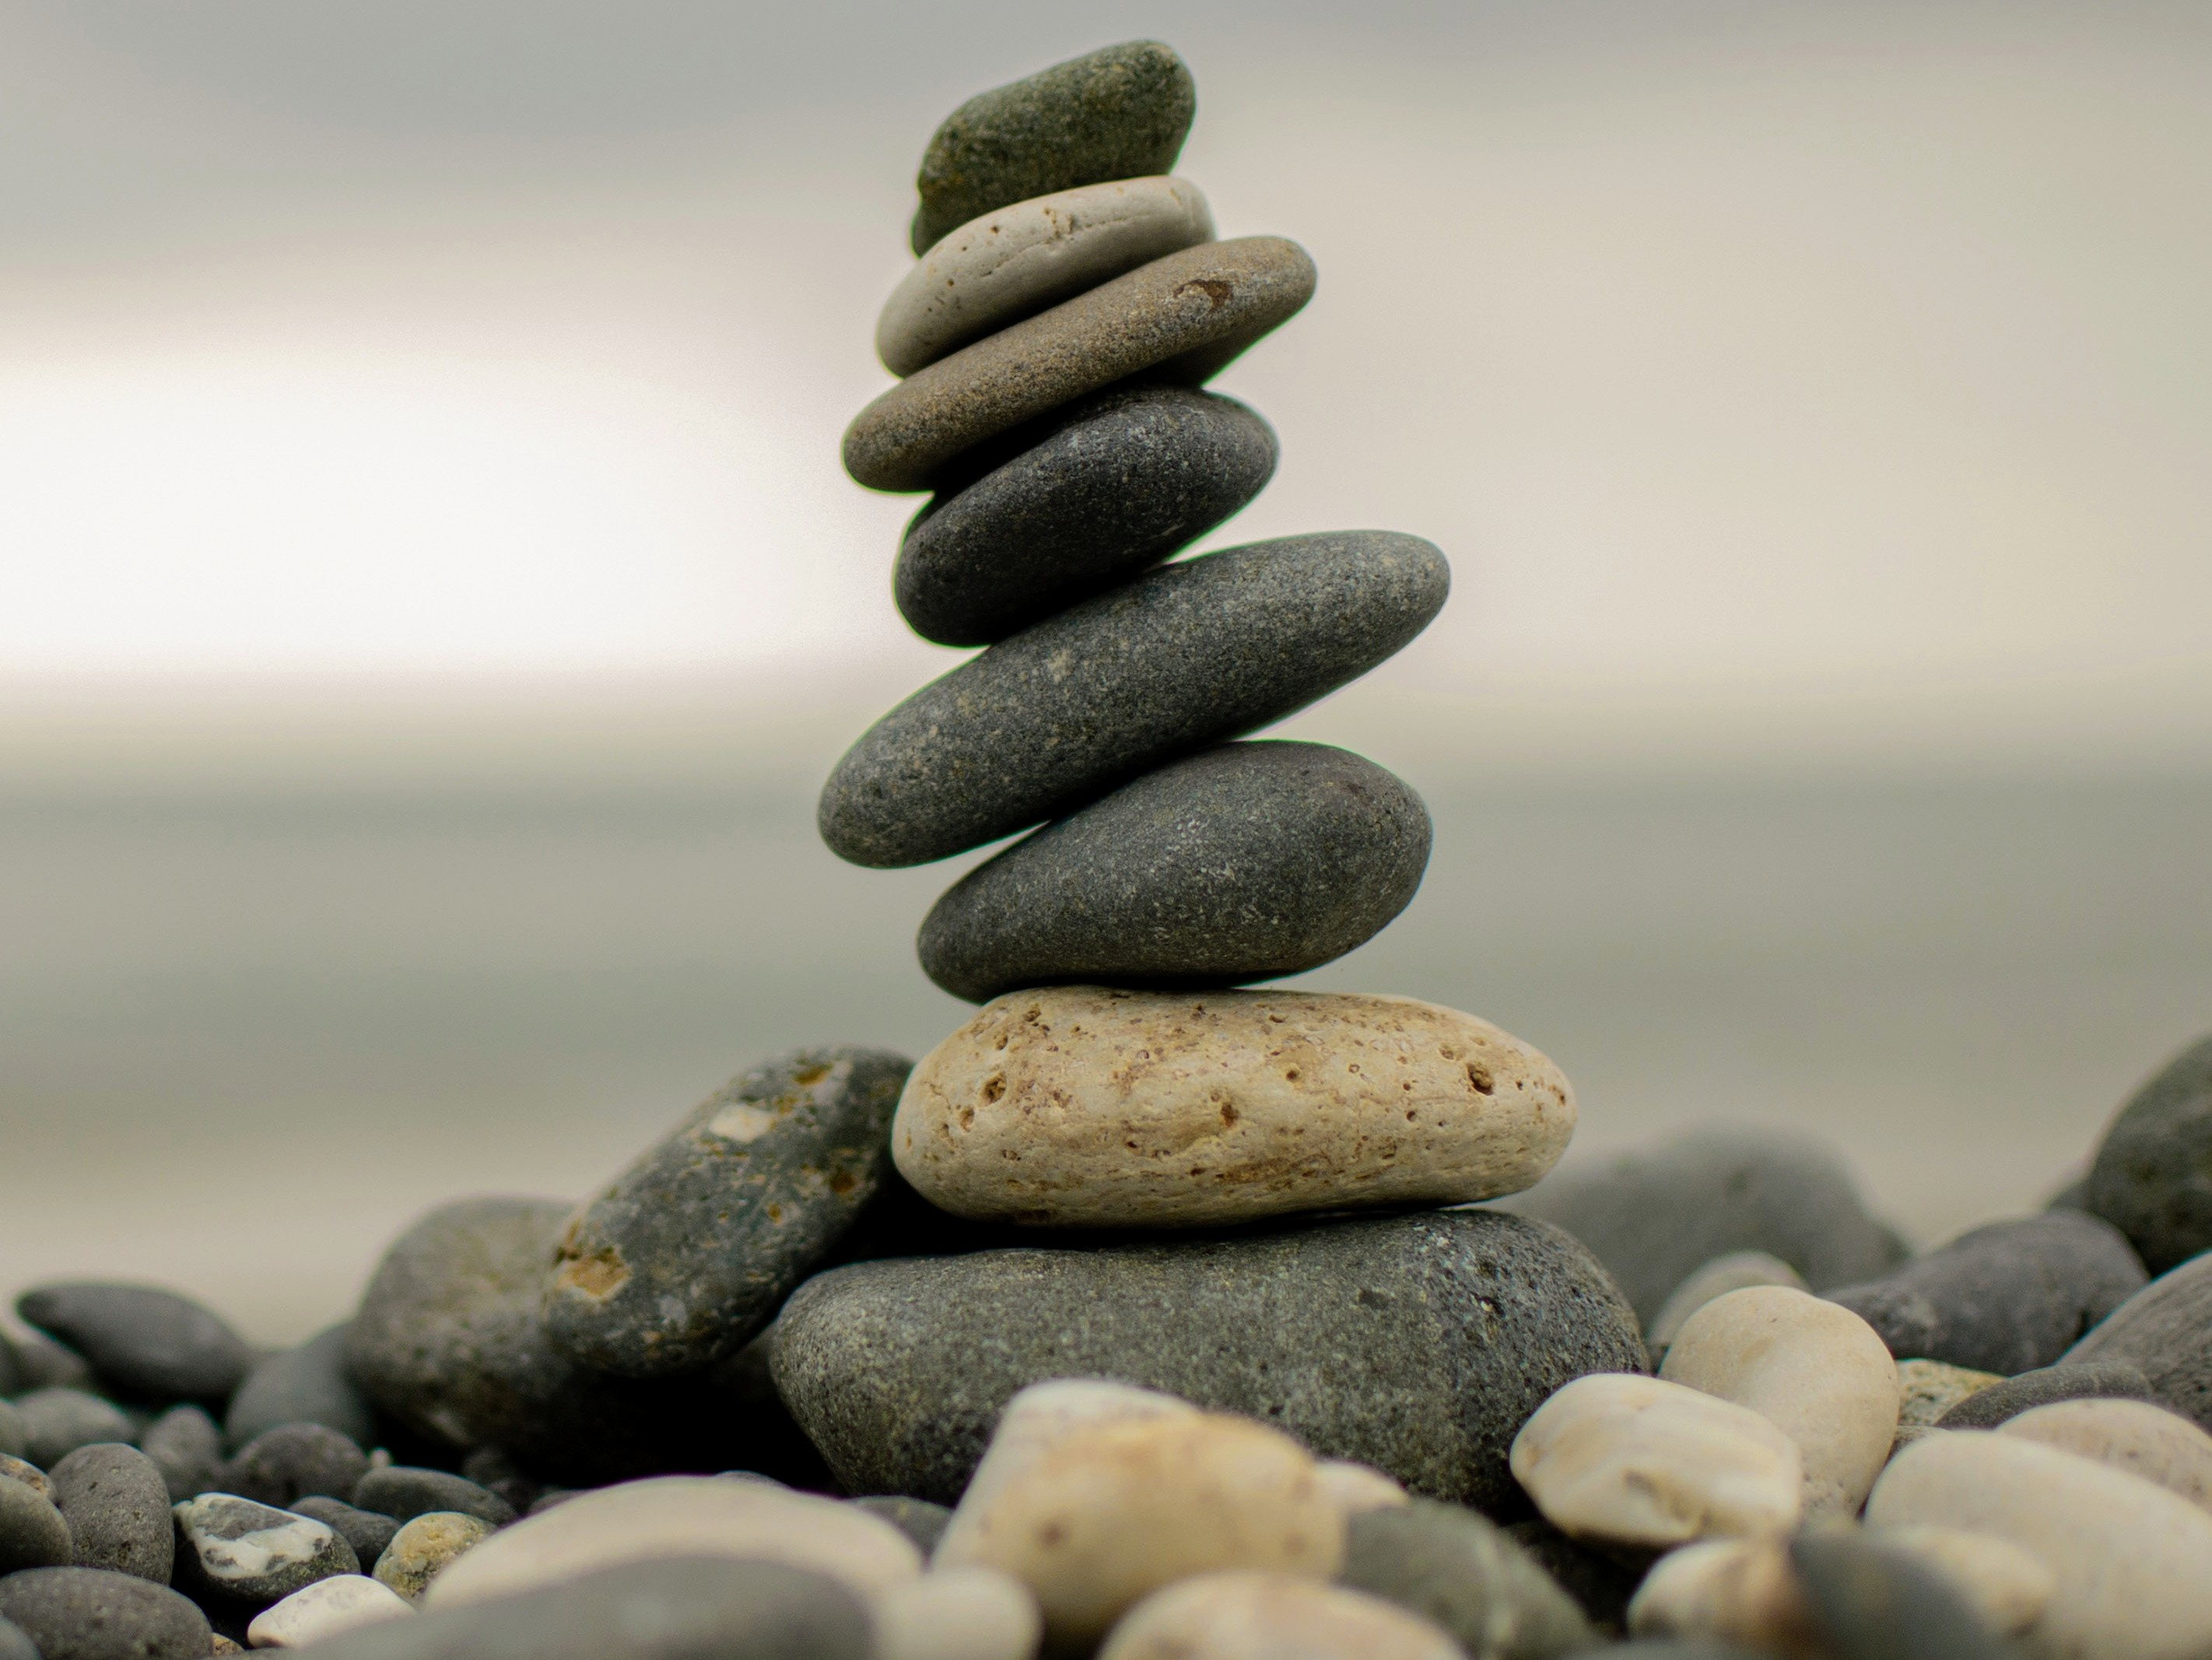 Những hình ảnh viên đá cuội mộc mạc bình dị mà tuyệt đẹp